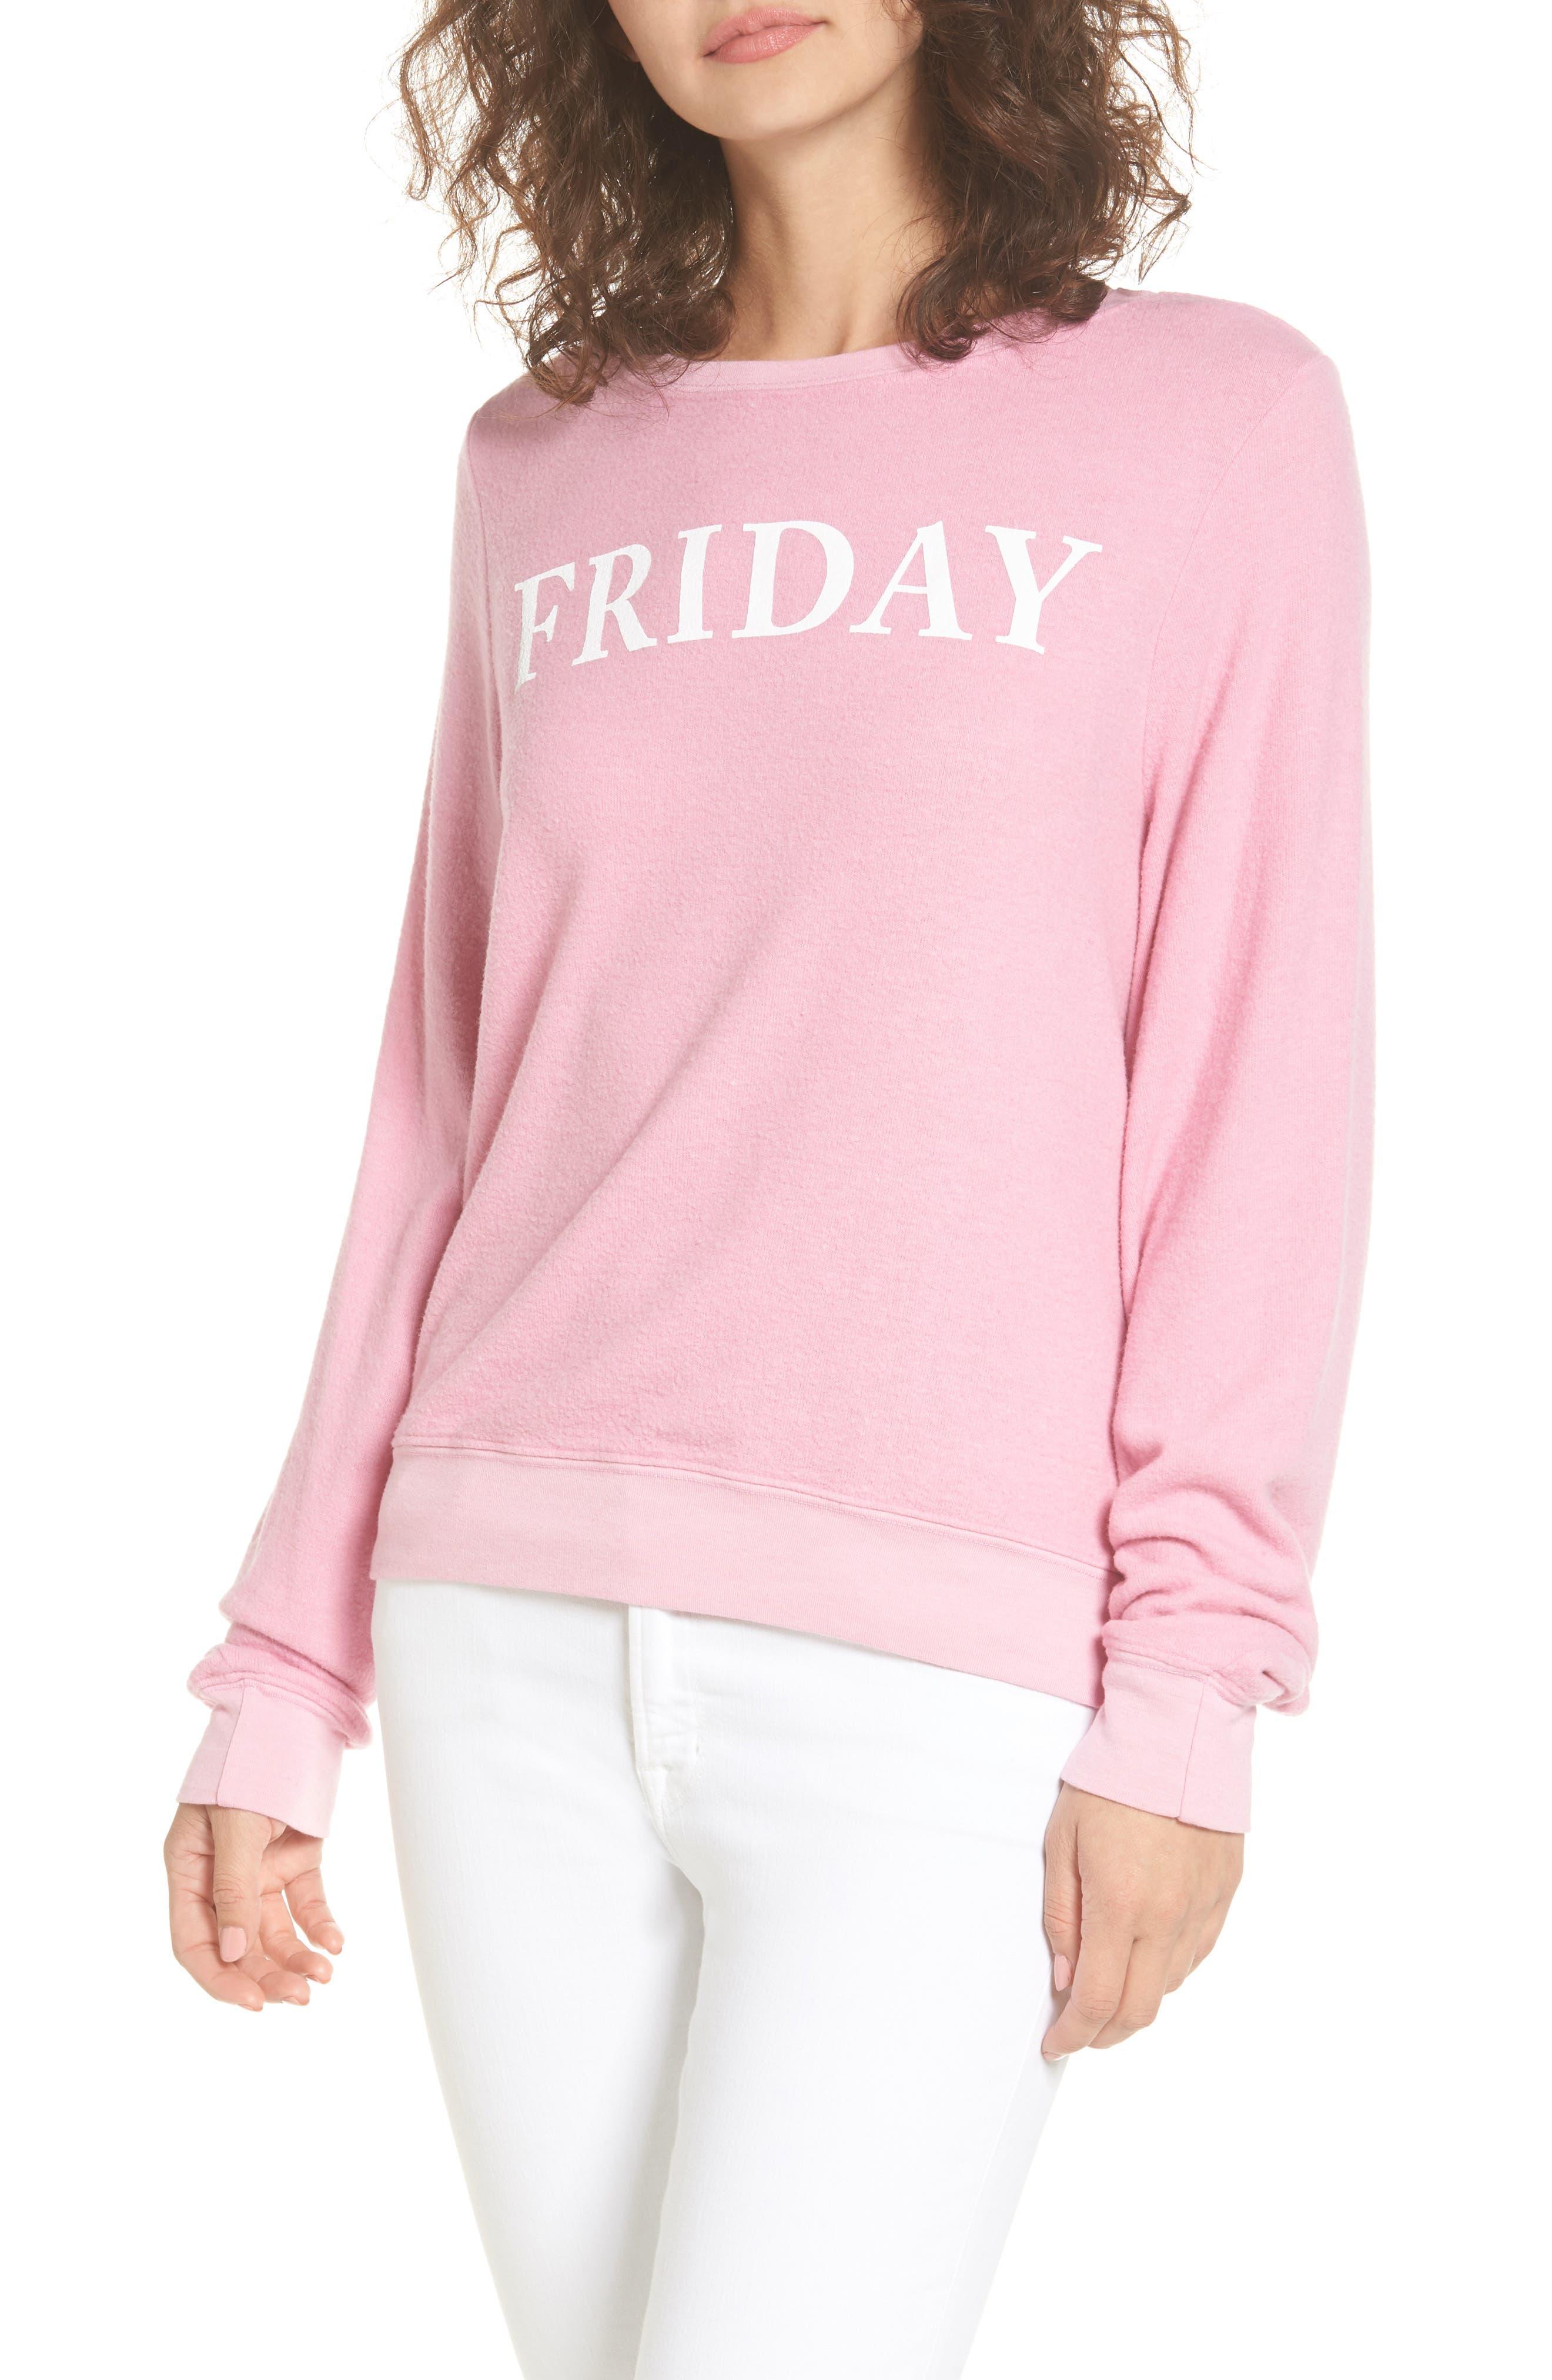 Main Image - Dream Scene Friday Sweatshirt